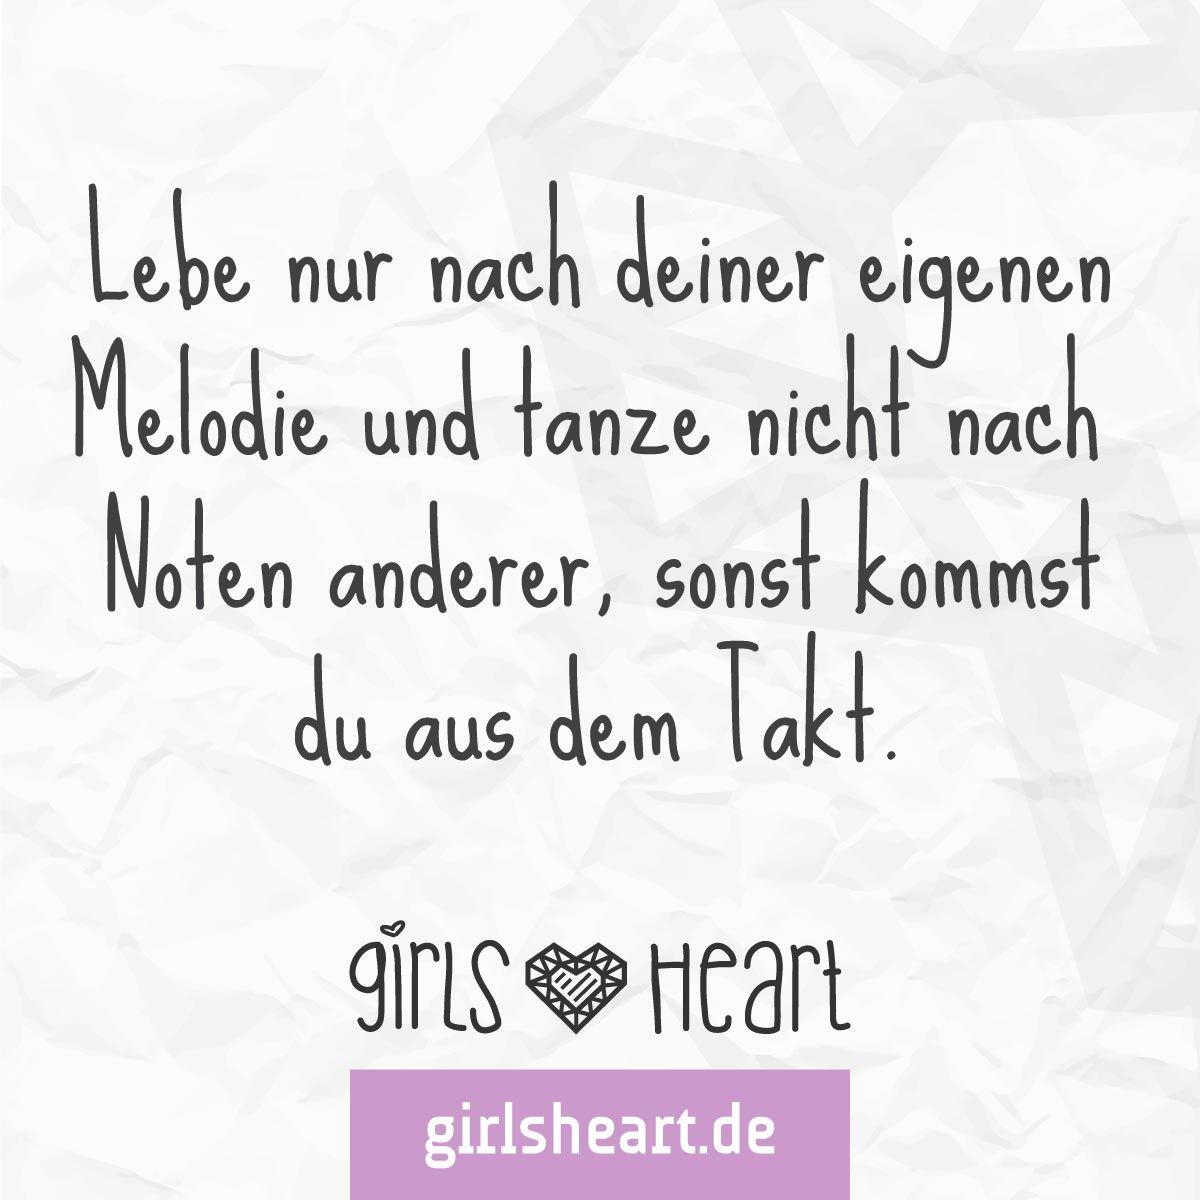 sei immer nur du! mehr sprüche auf: www.girlsheart.de